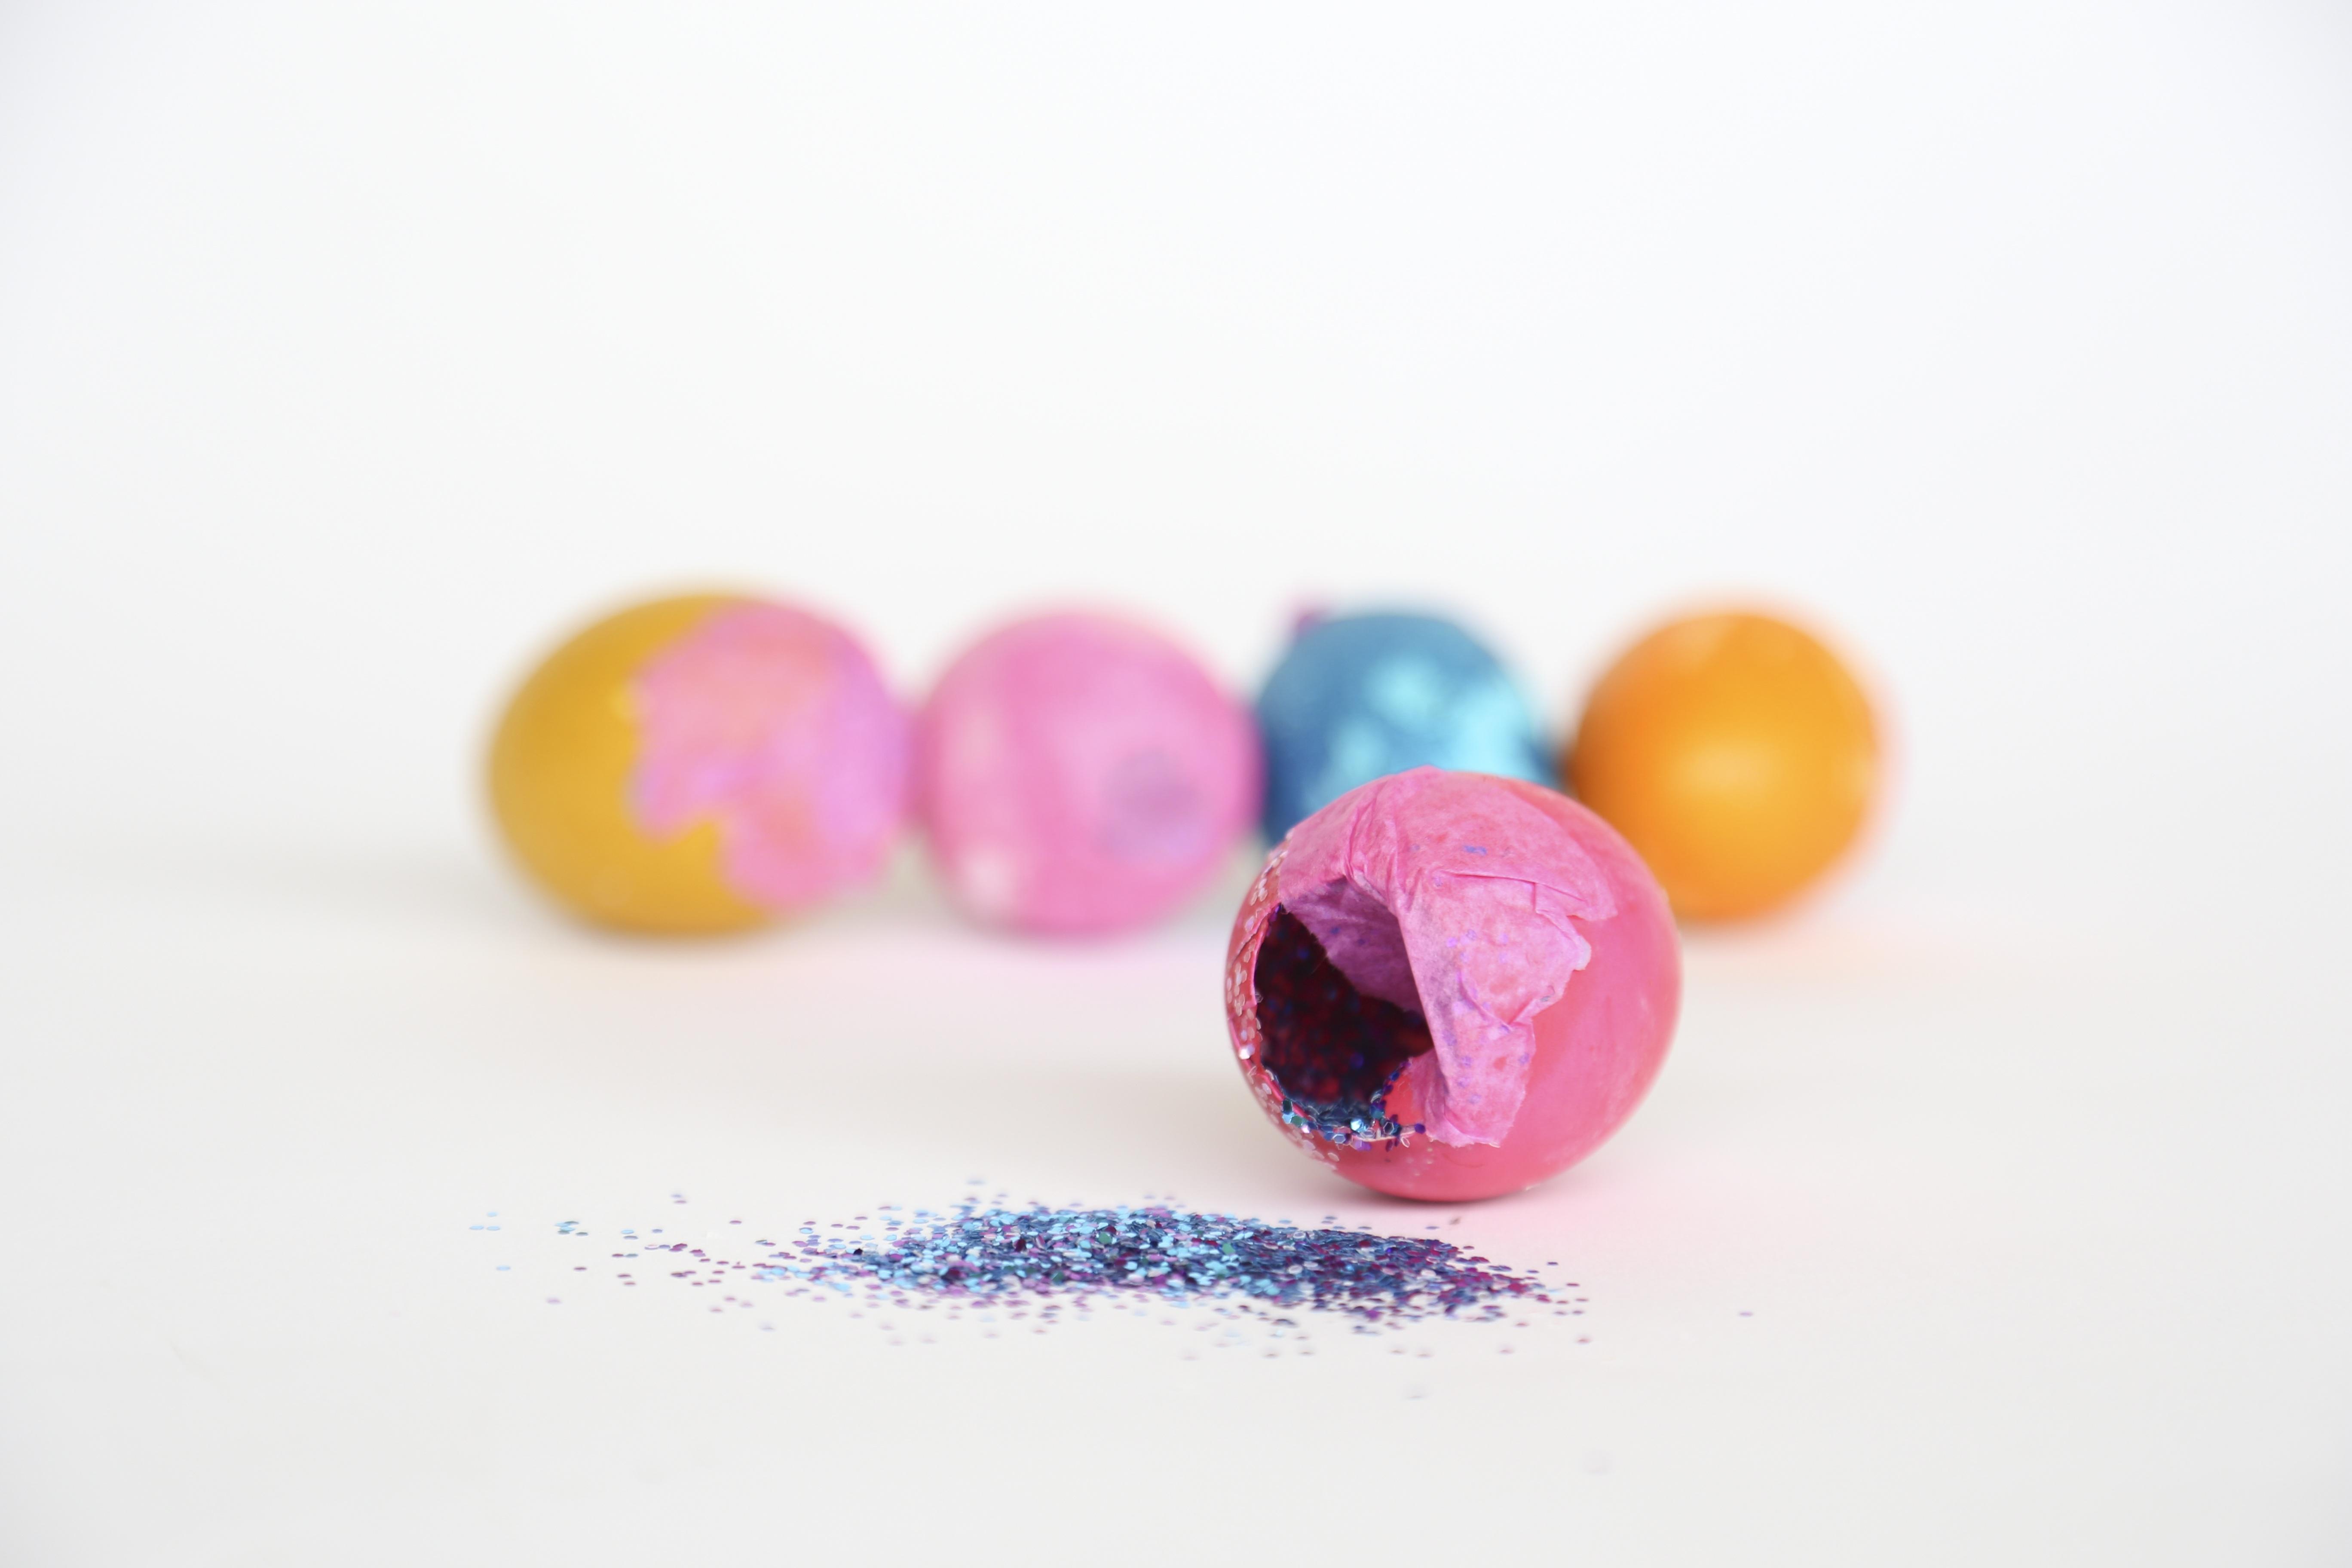 Kostenlose foto : Frühling, funkeln, Nahansicht, Konfetti, Eier ...